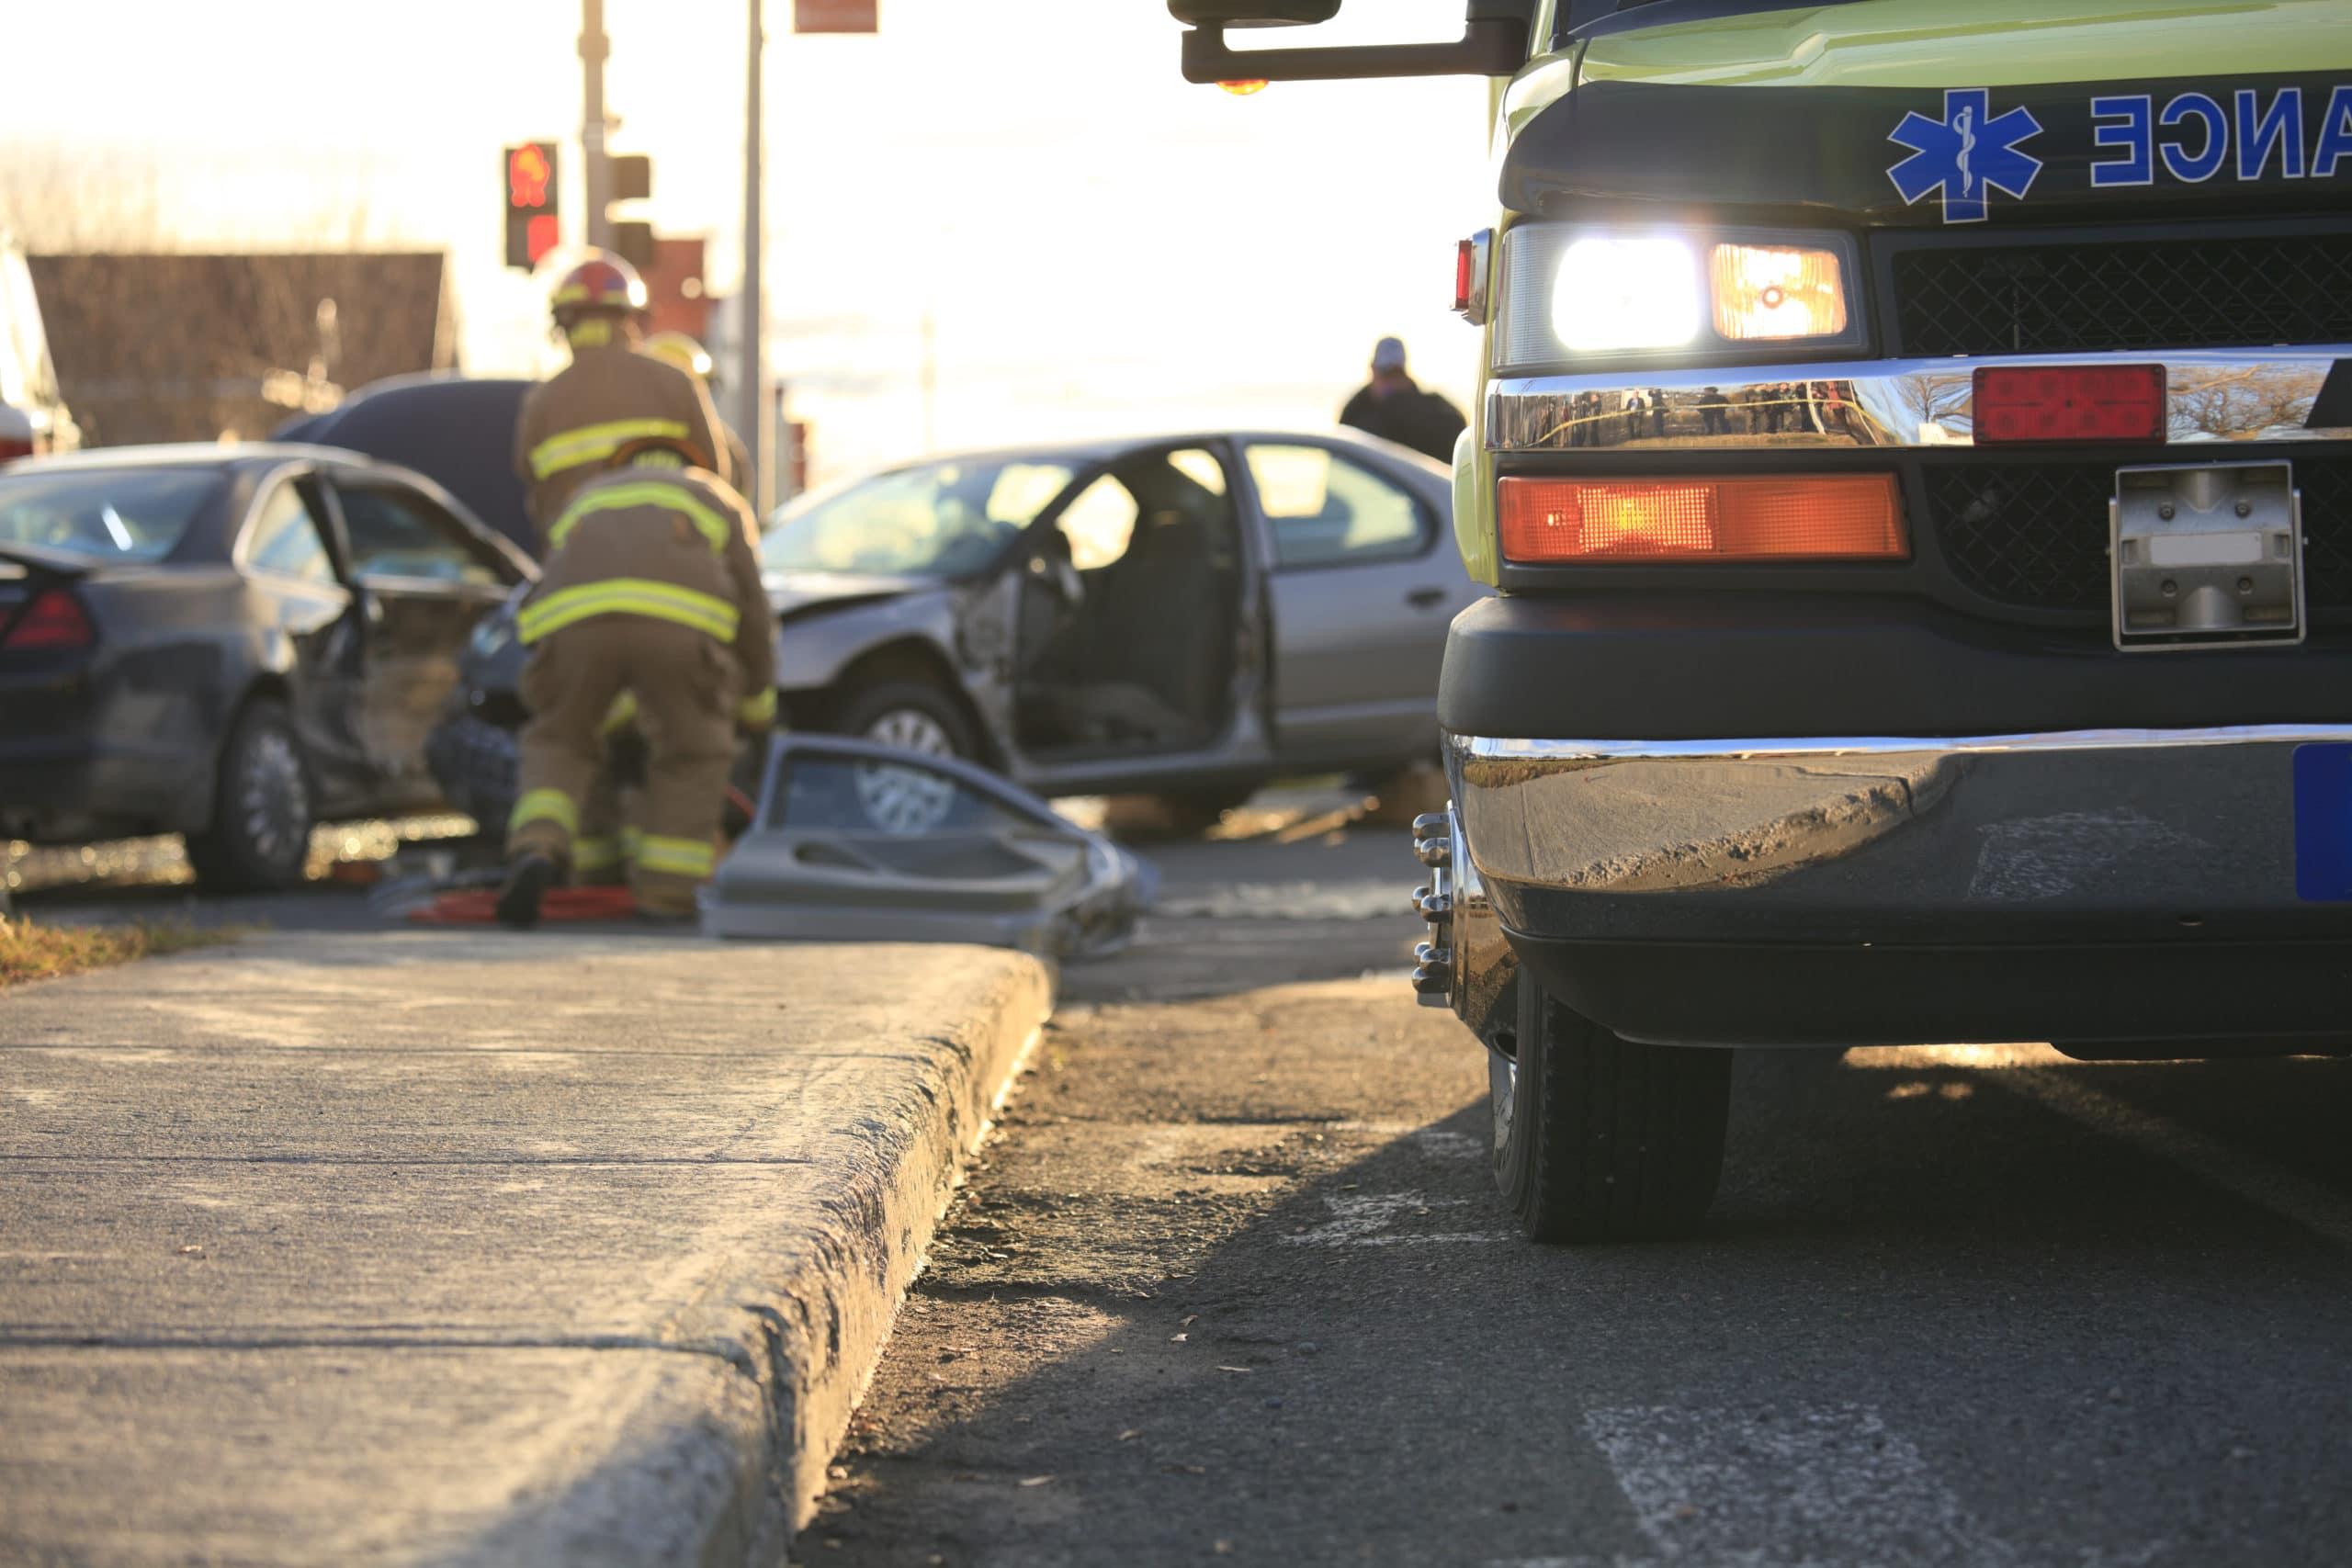 Car accident lawyer birmingham